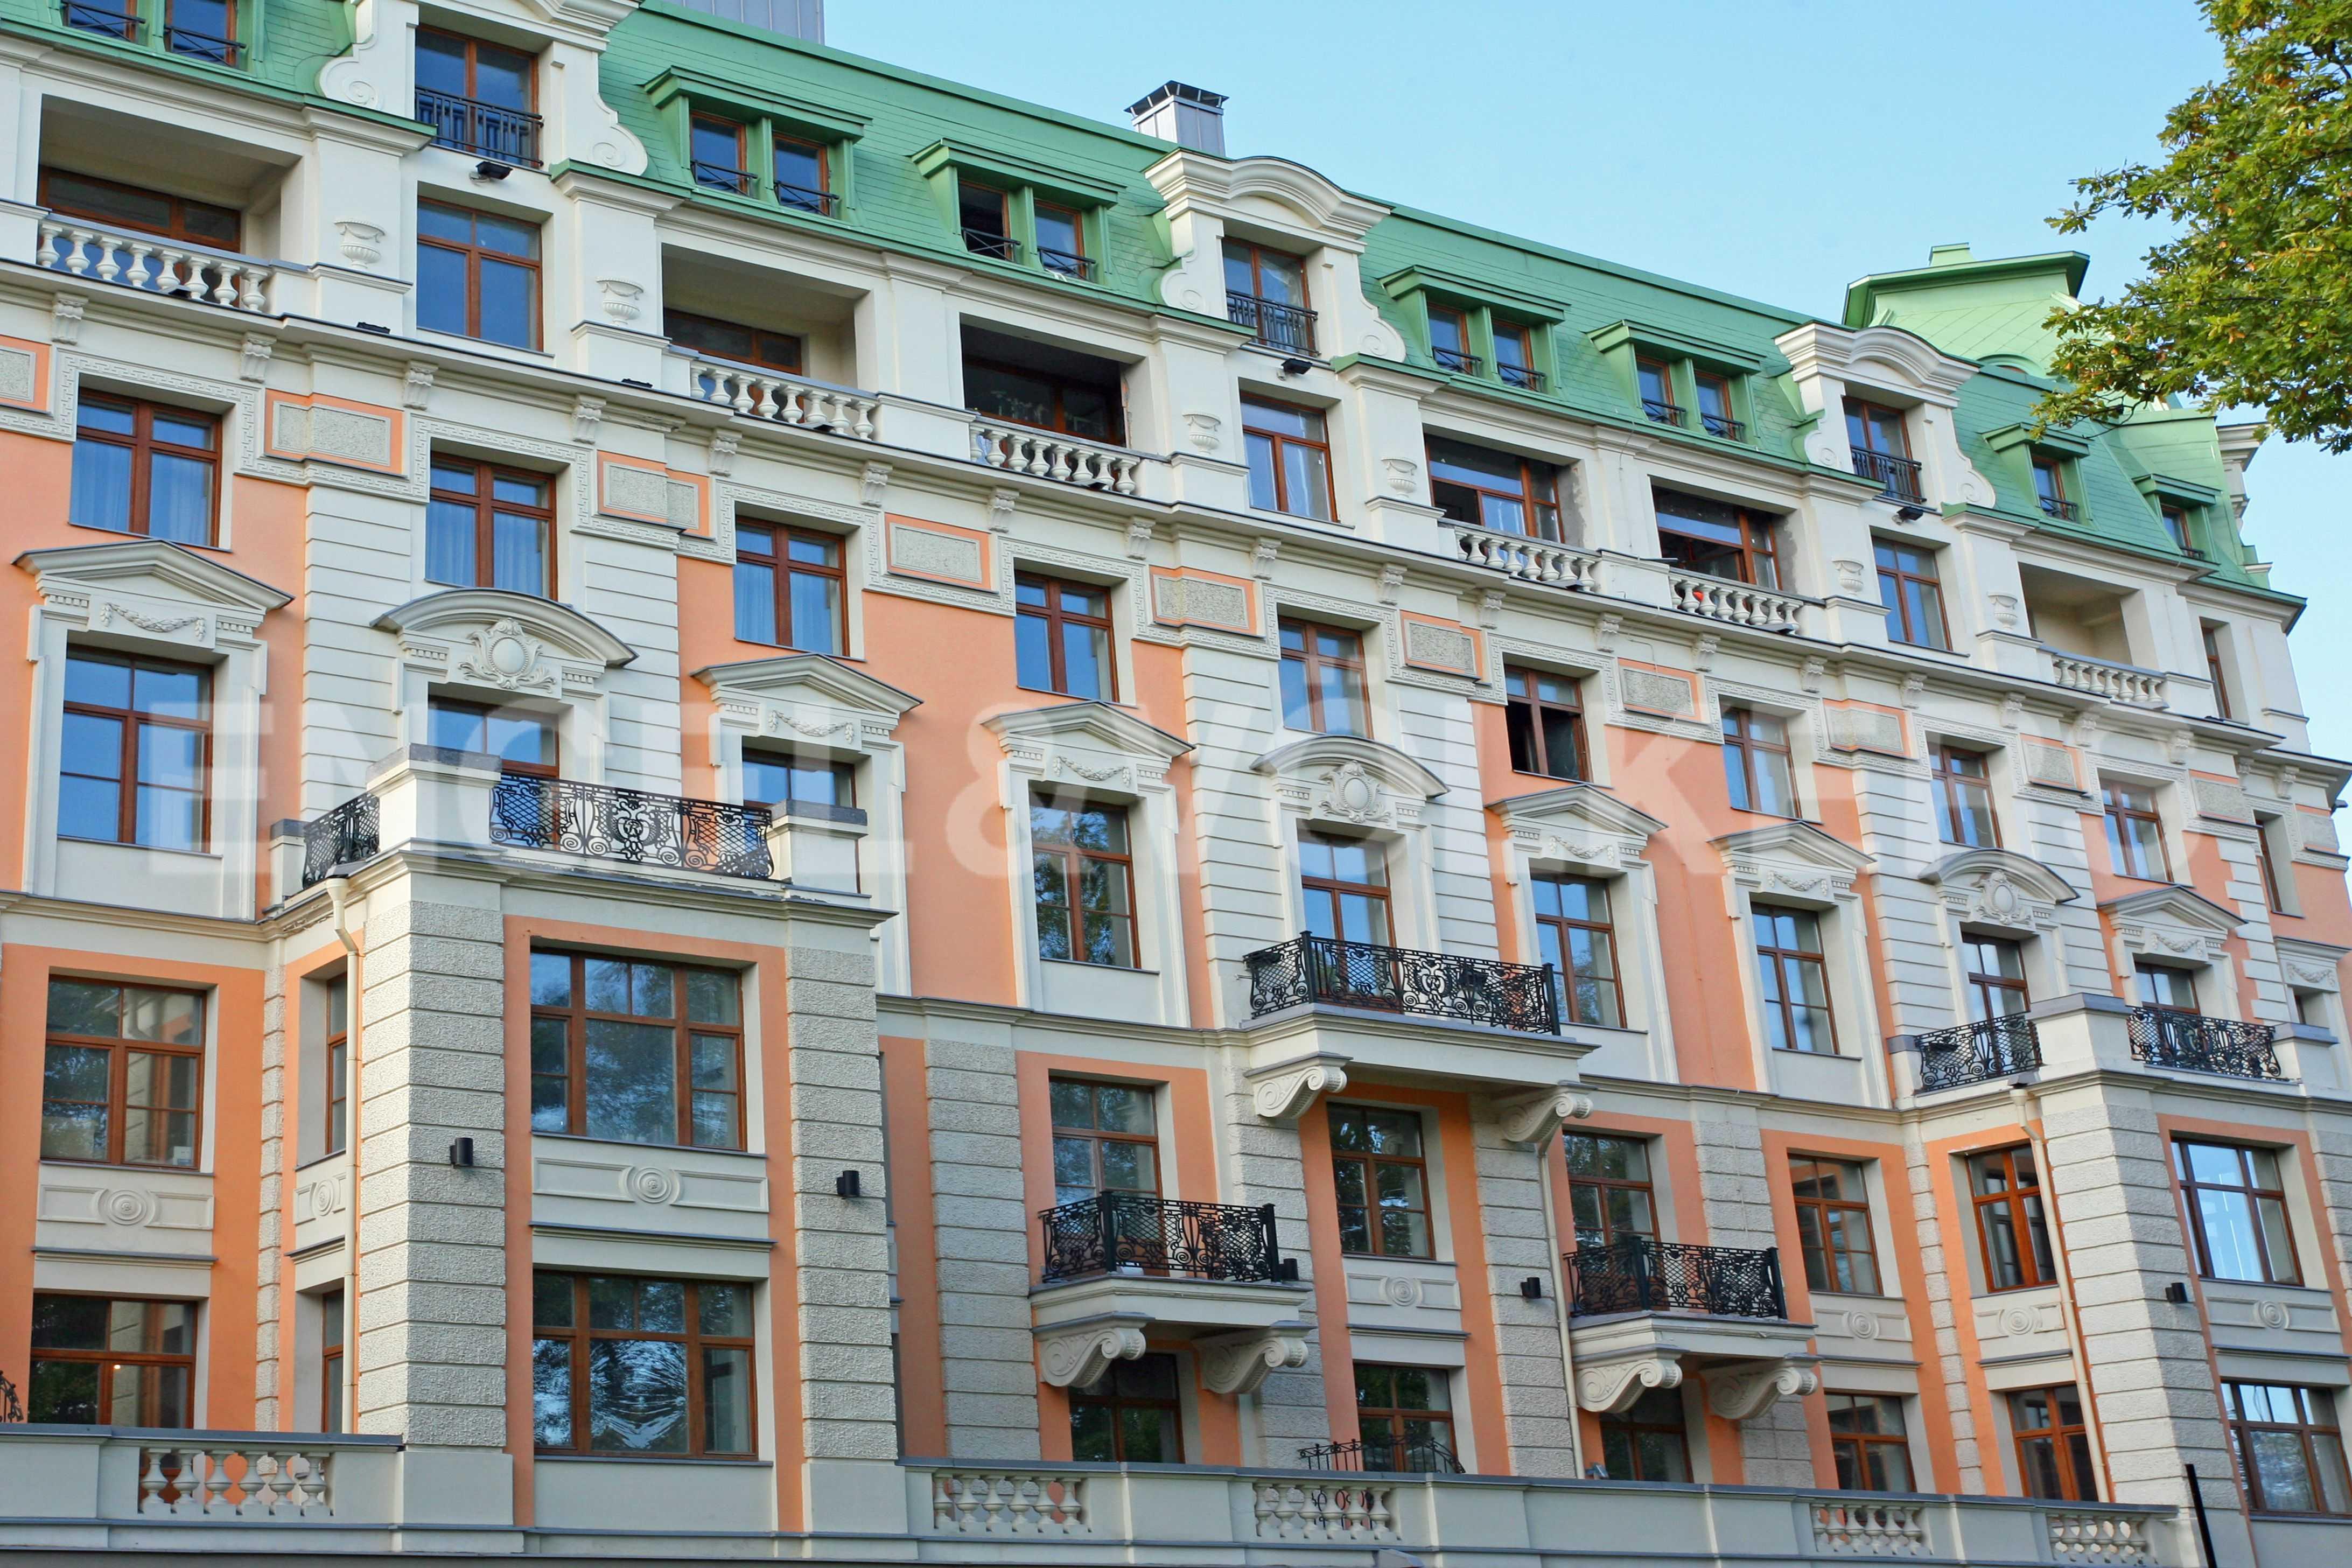 Элитные квартиры на . Санкт-Петербург, Динамо,12. Восточная сторона дома. Вид на сквер